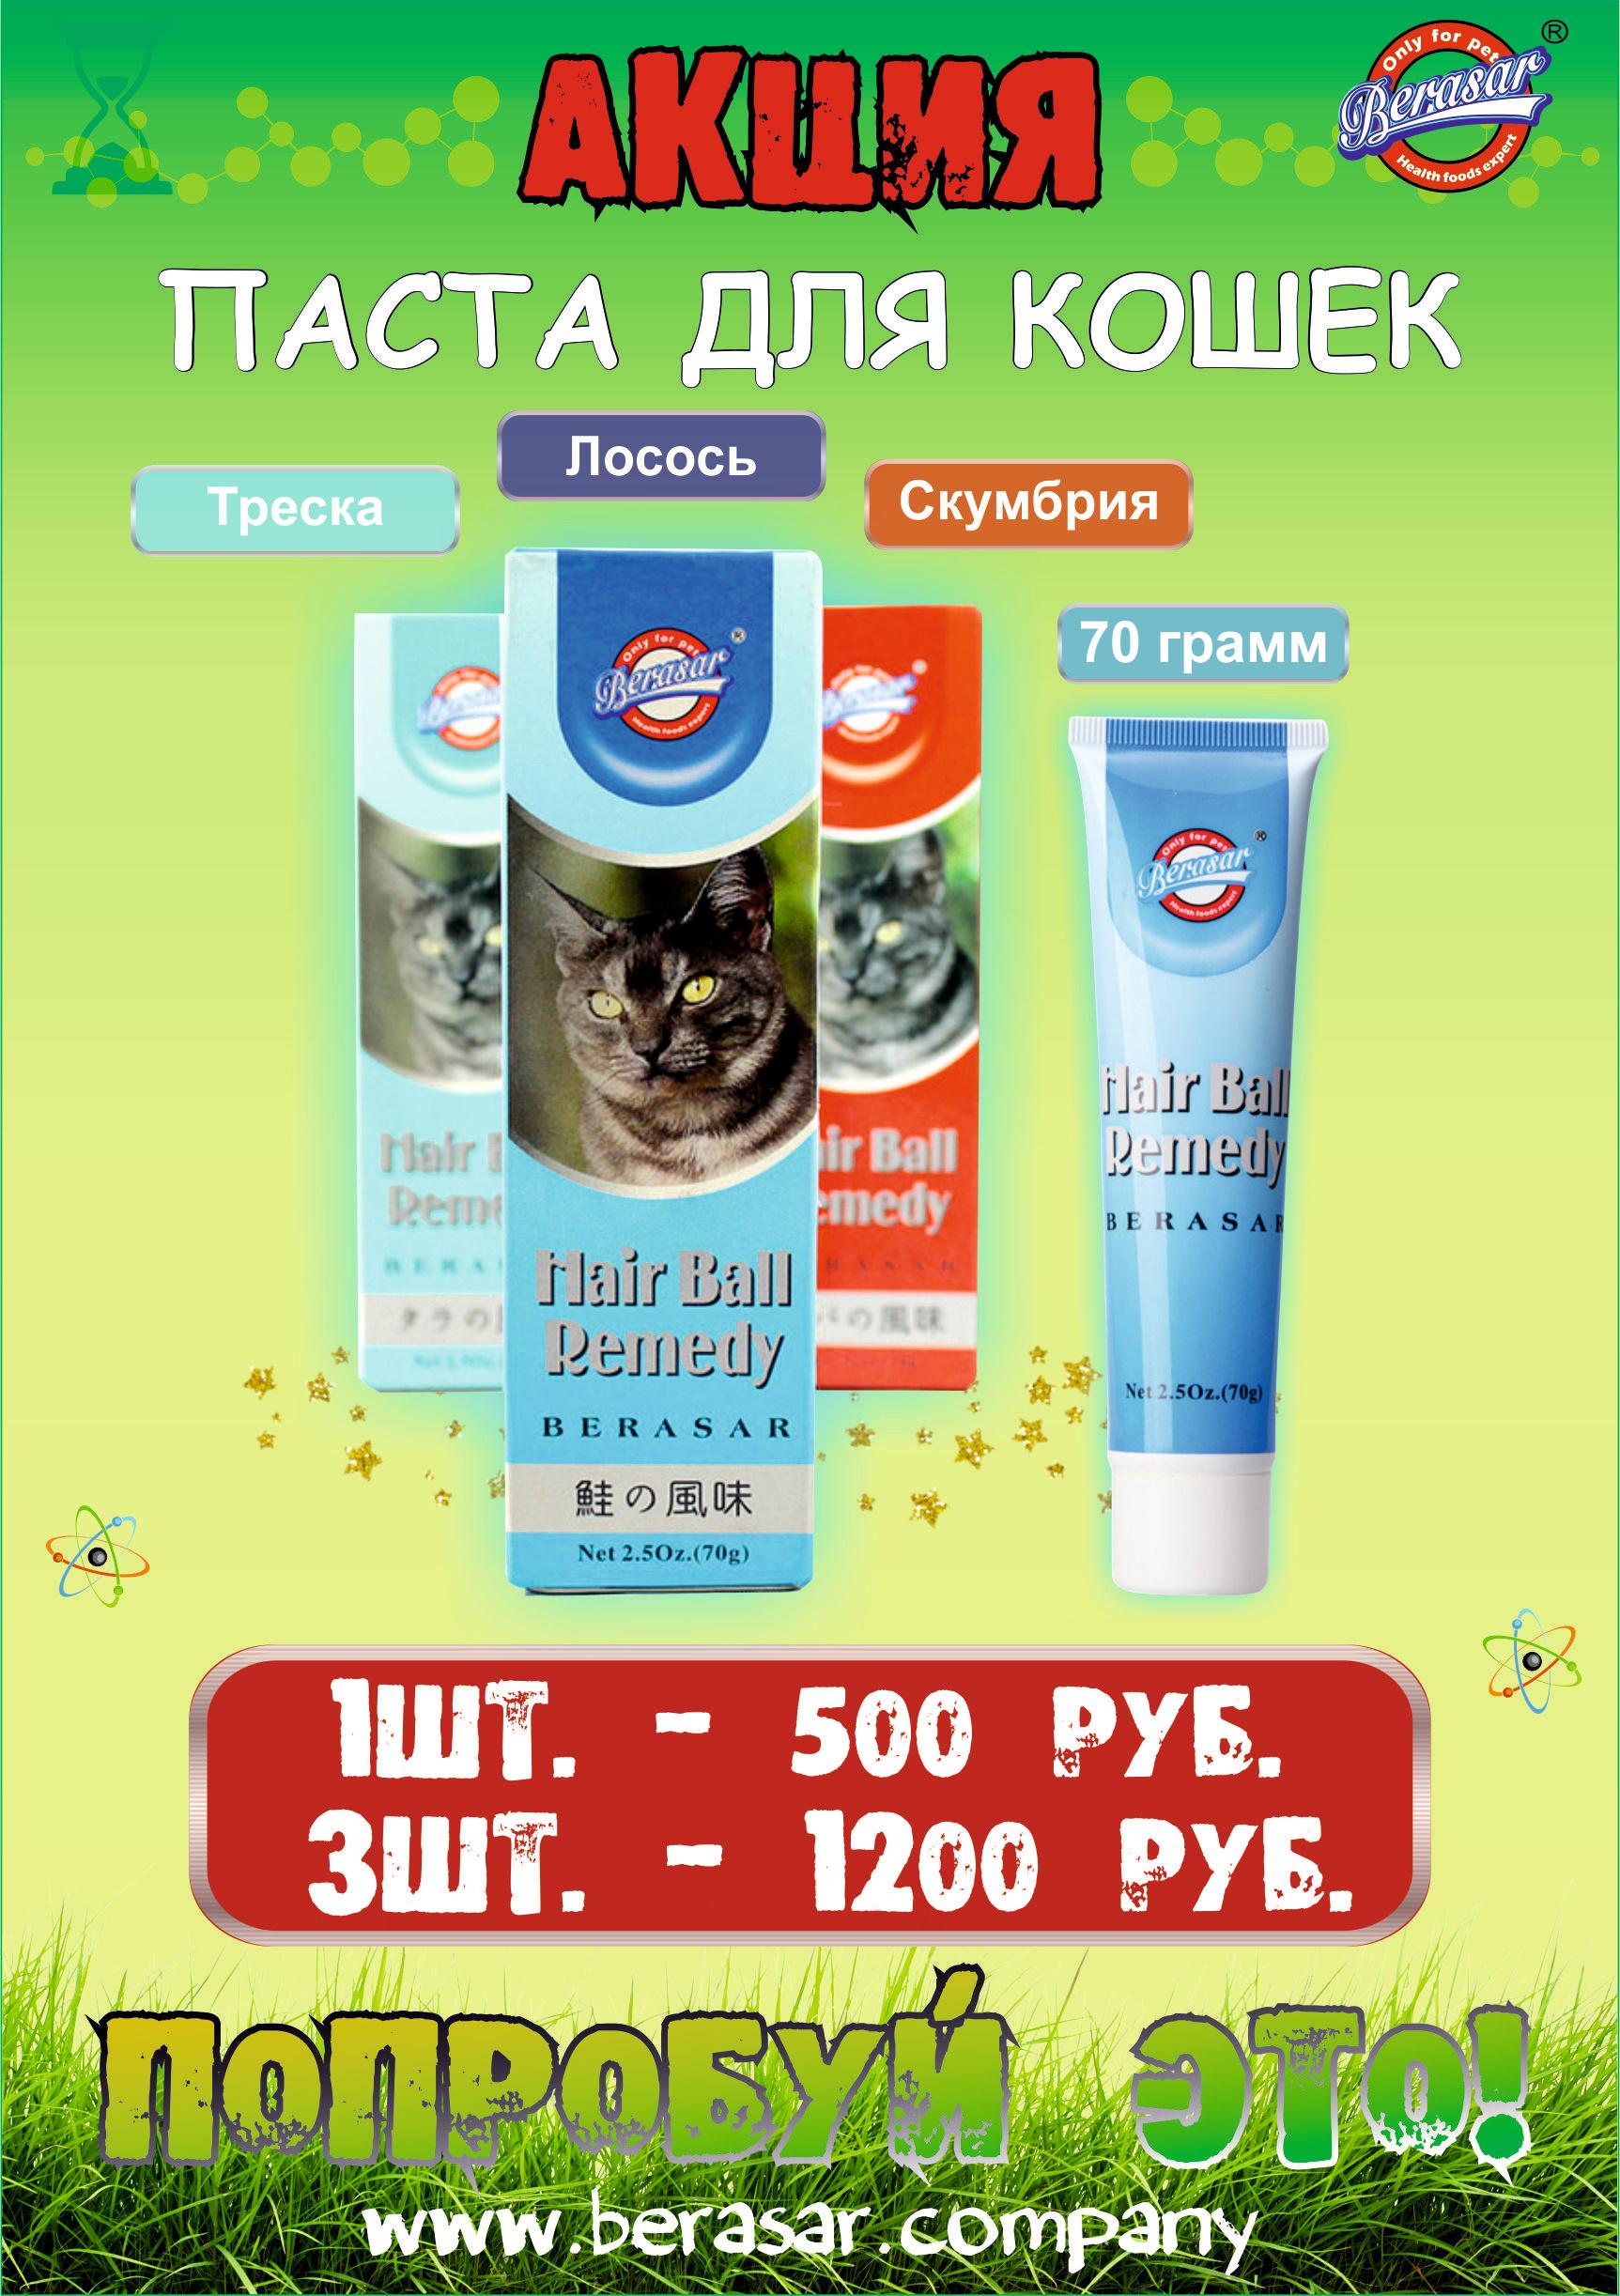 BERASAR - АКЦИЯ Паста для кошек